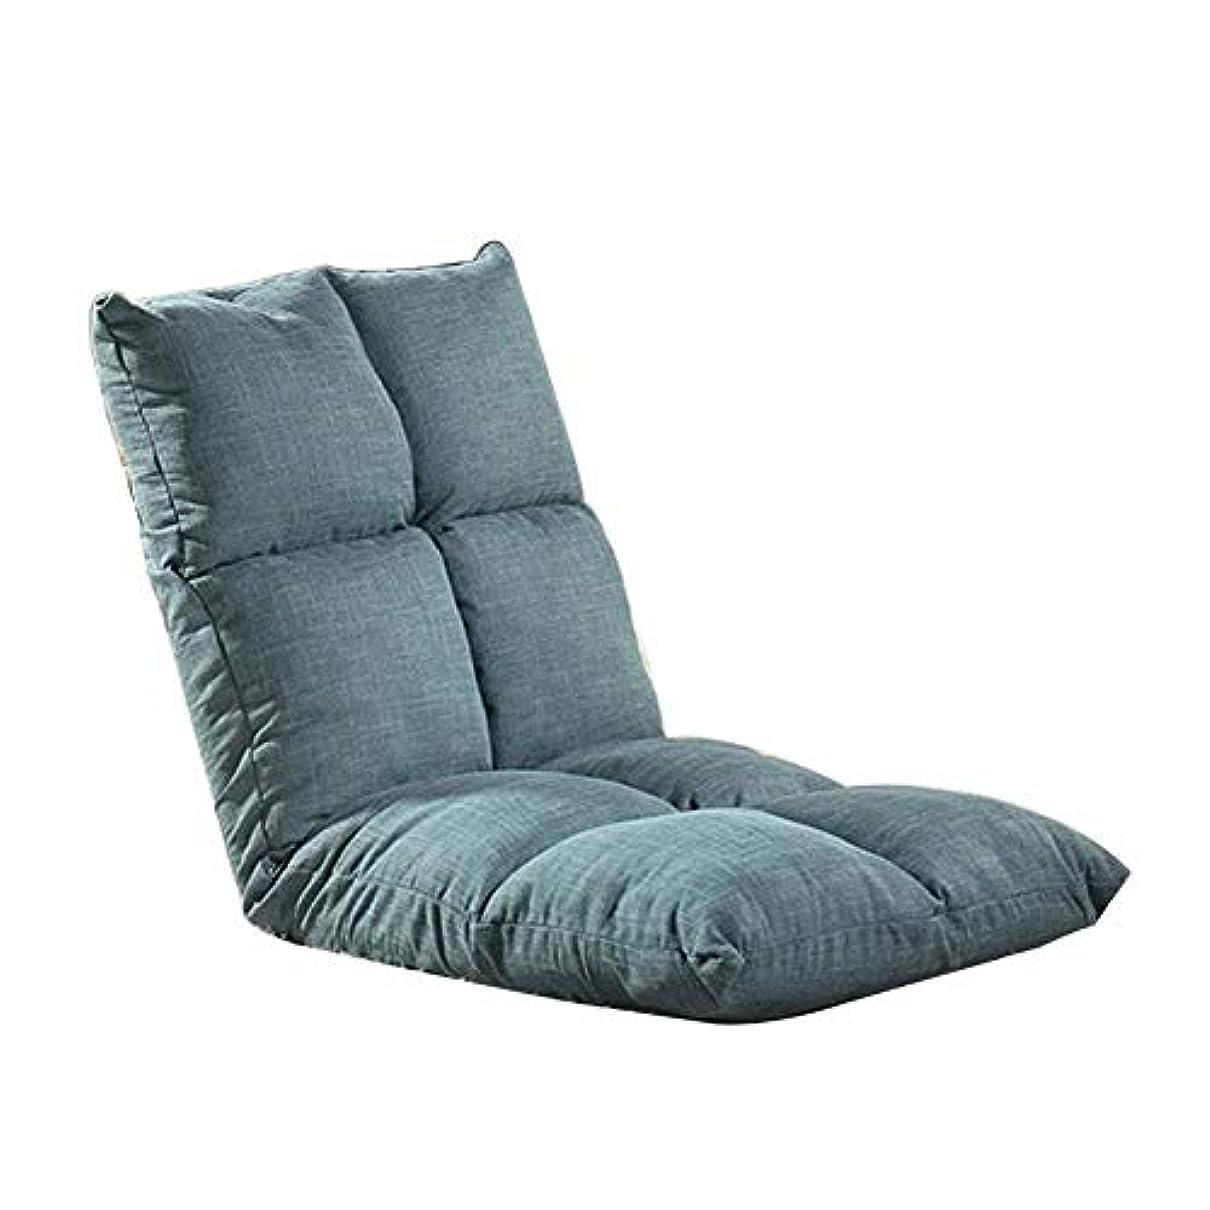 副モッキンバード解放瞑想の椅子、床の怠zyなソファ、折りたたみ椅子、調節可能な椅子、畳シングルウィンドウチェア (Color : A)